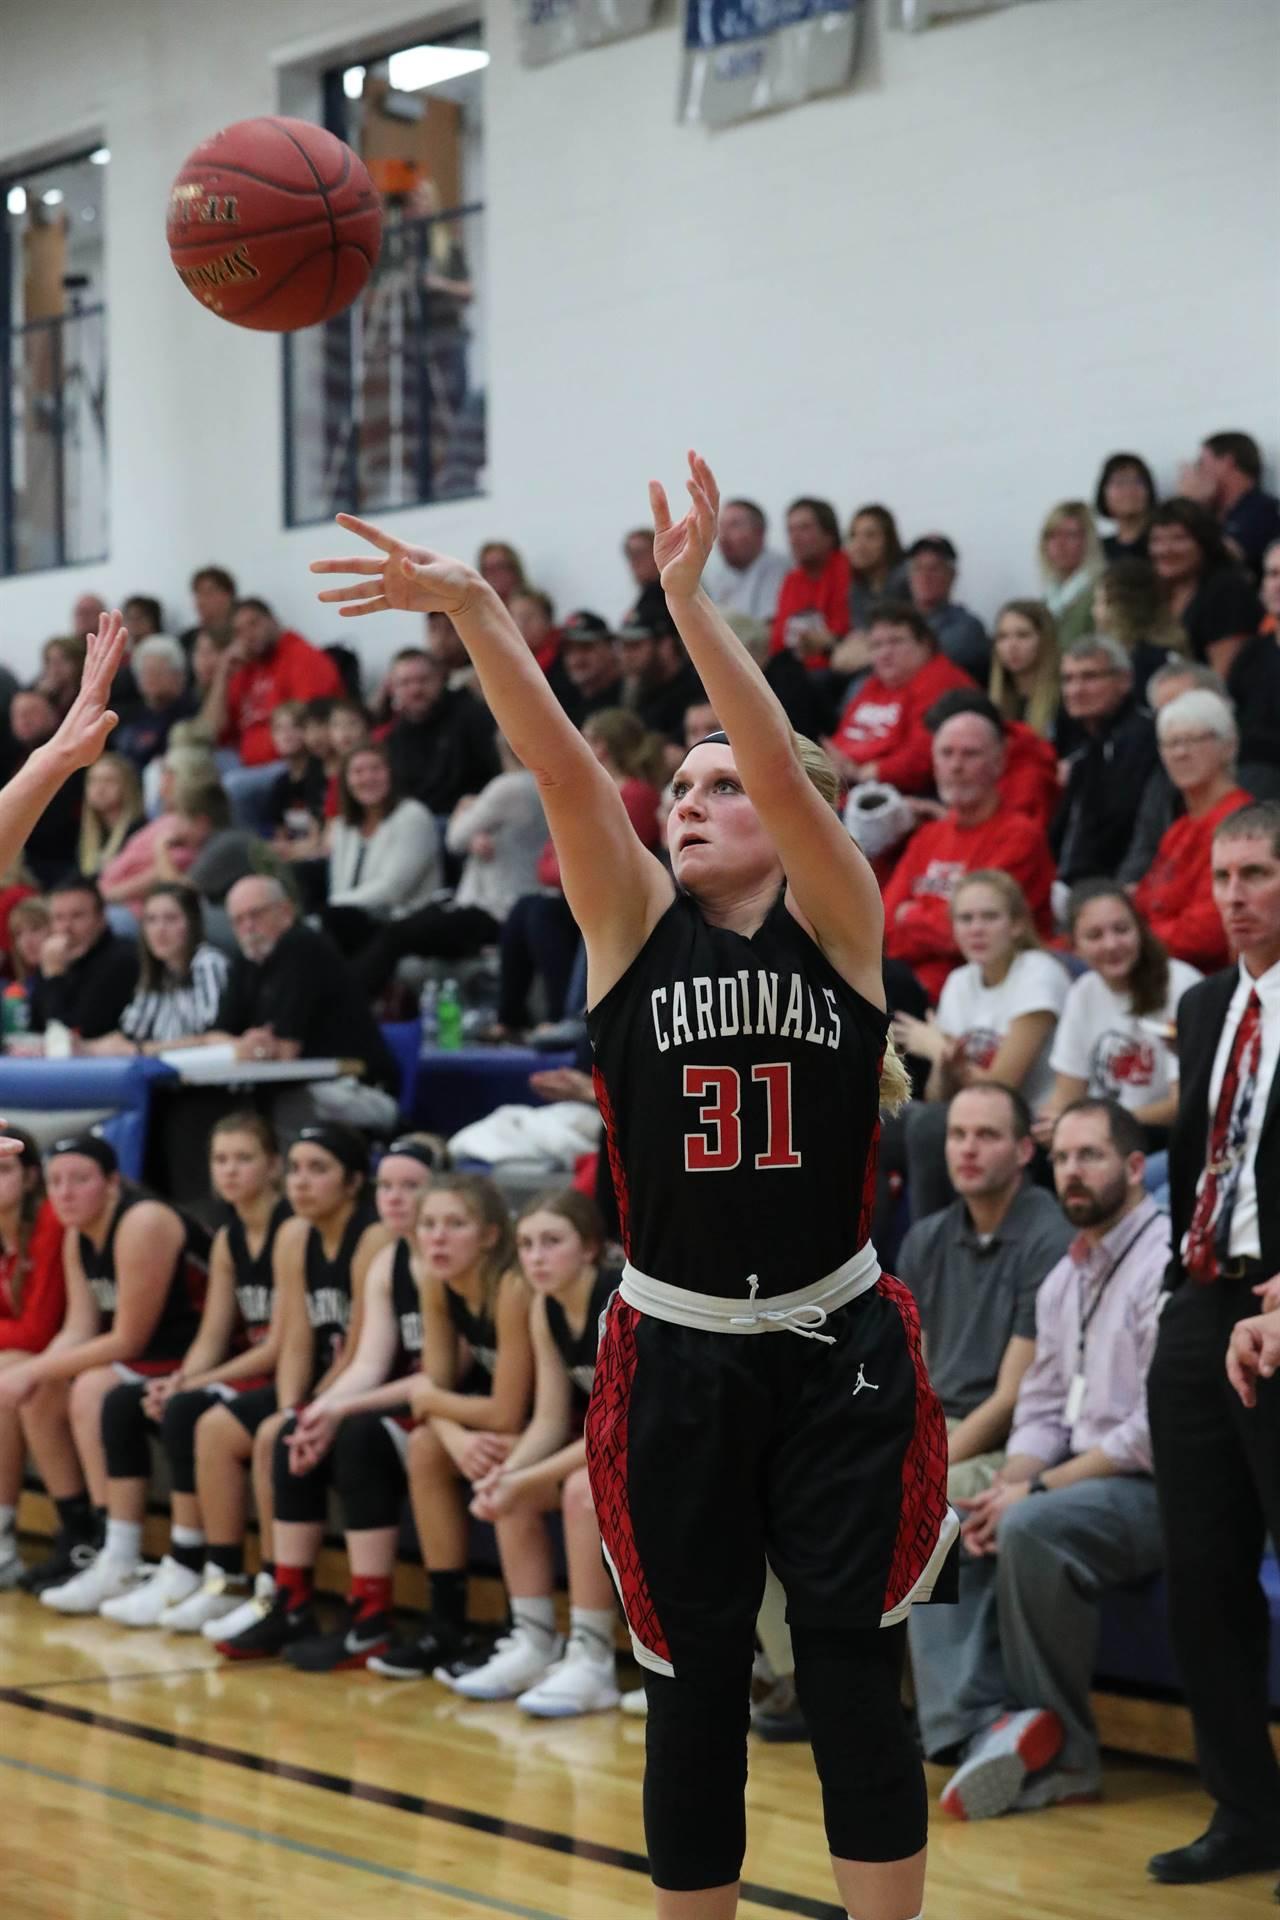 High School Girls Basketball Player shoots basketball